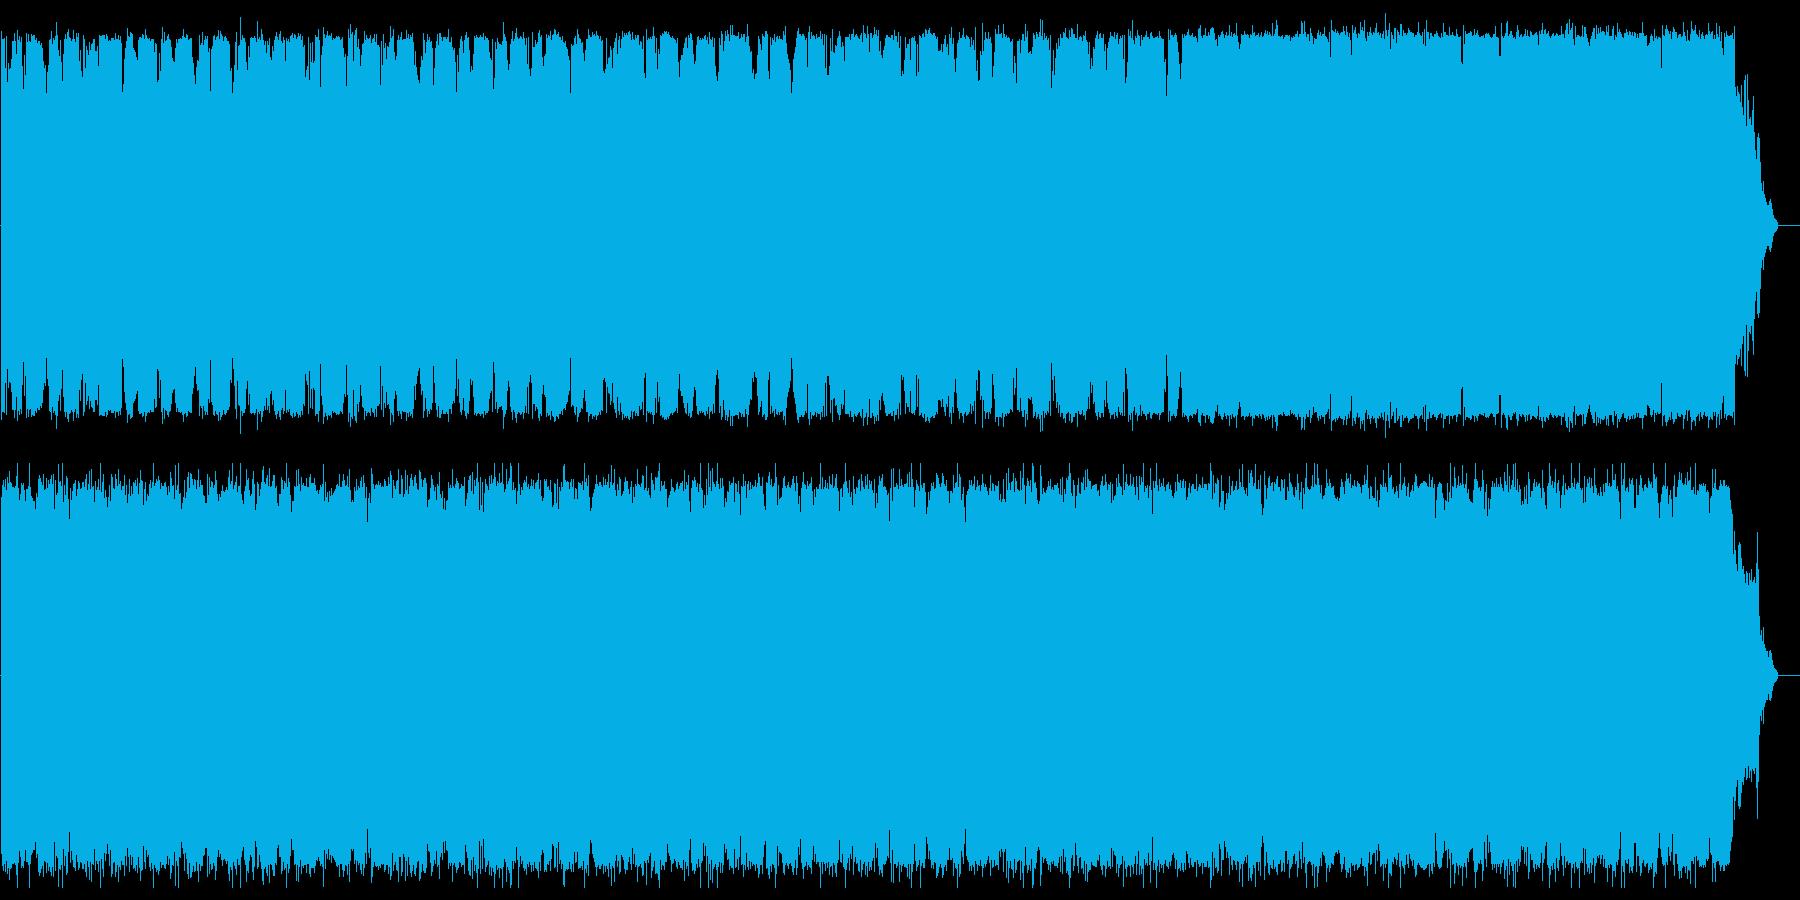 重厚なビートが渦巻く不思議な曲の再生済みの波形